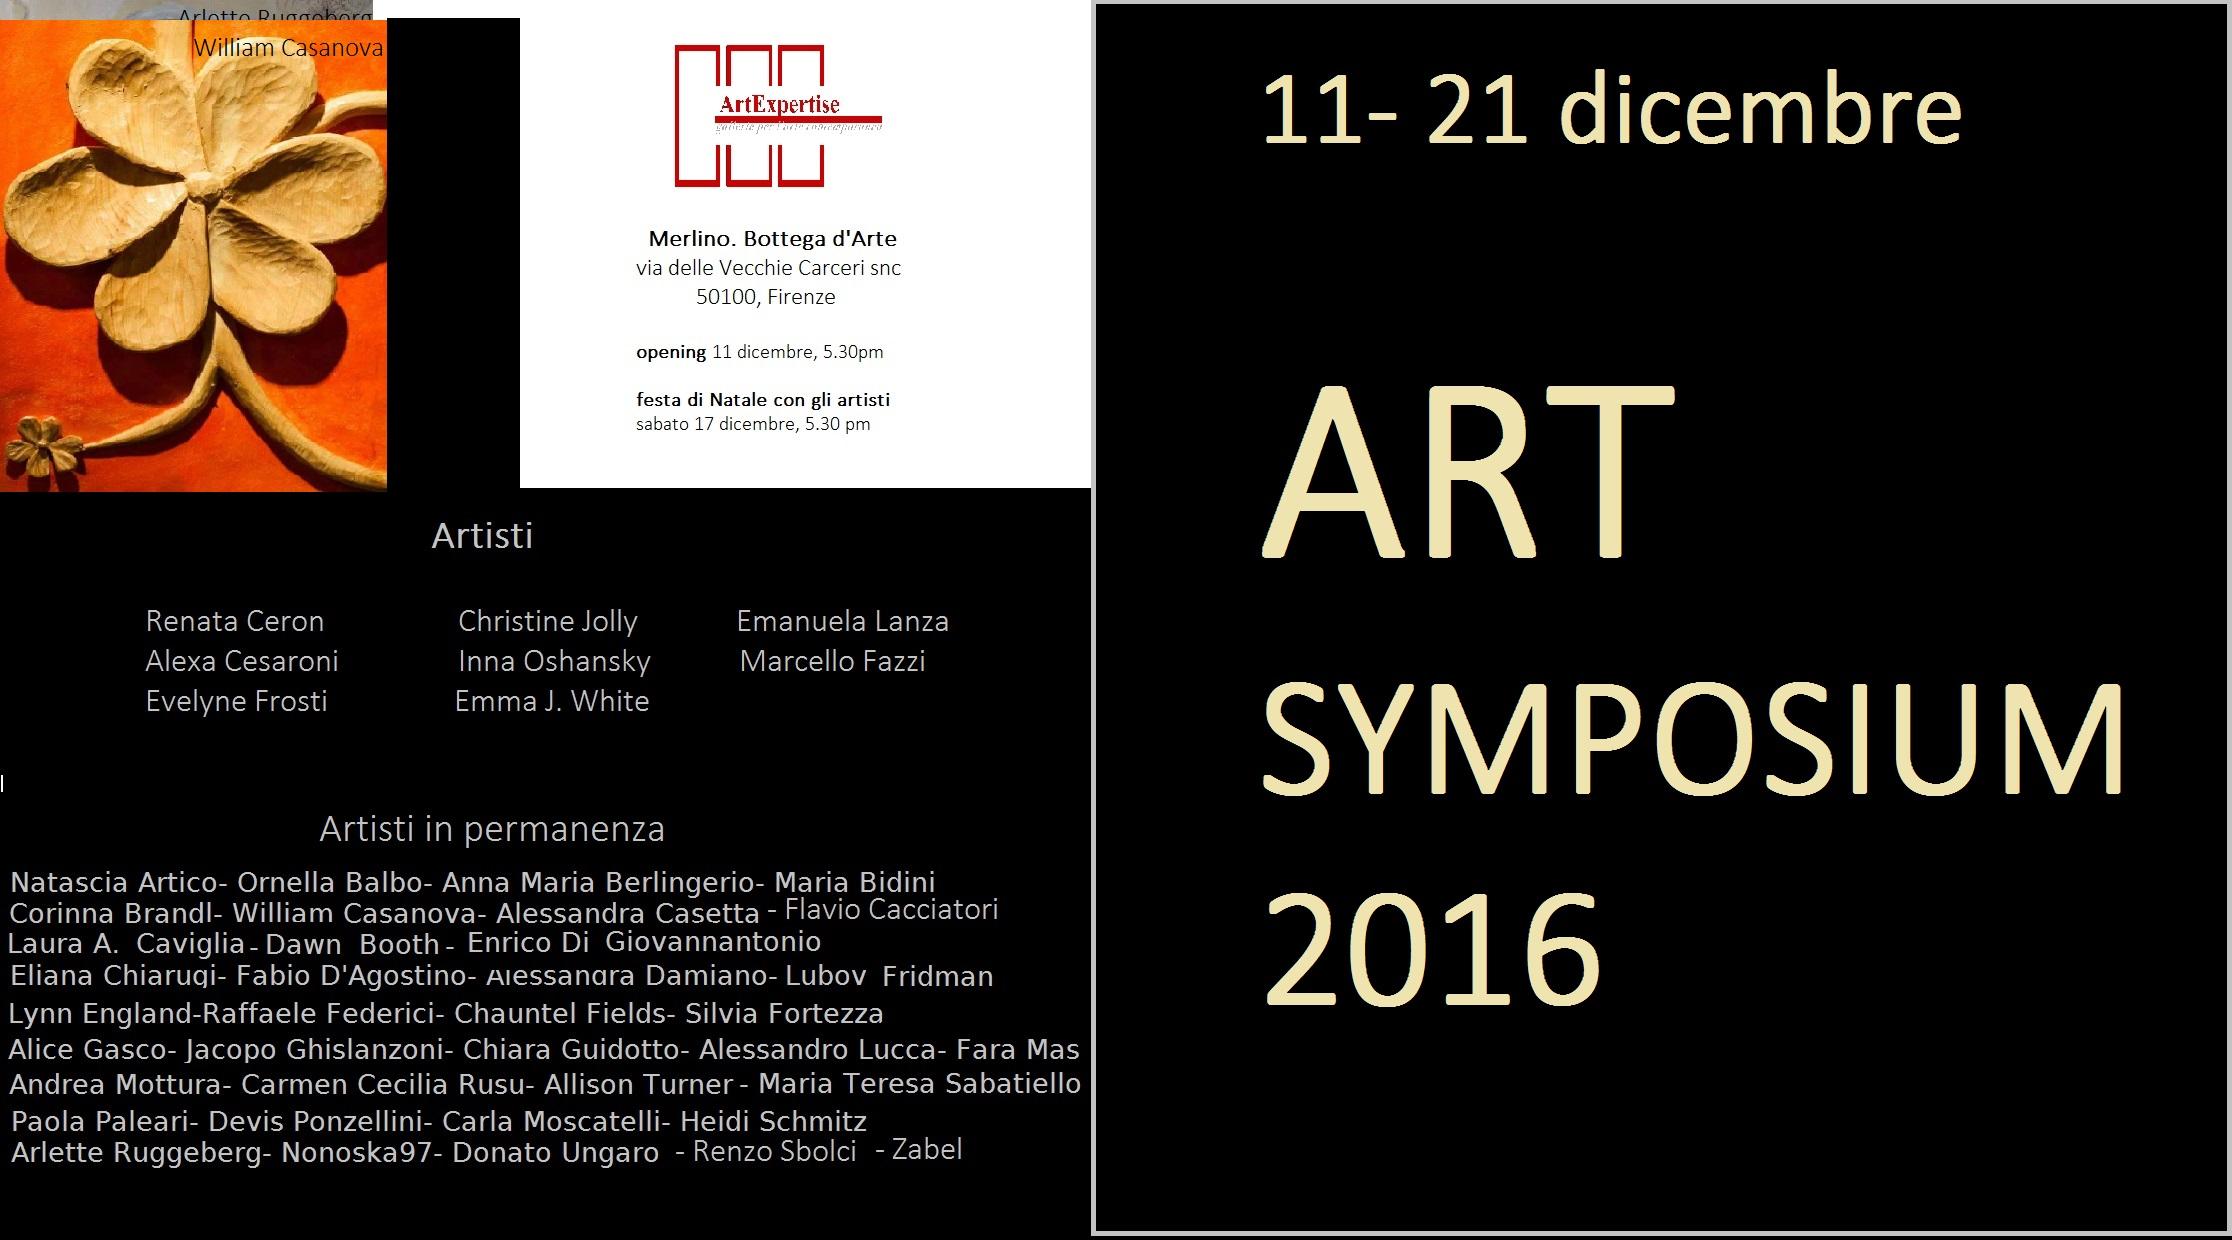 art-symposium_20161211